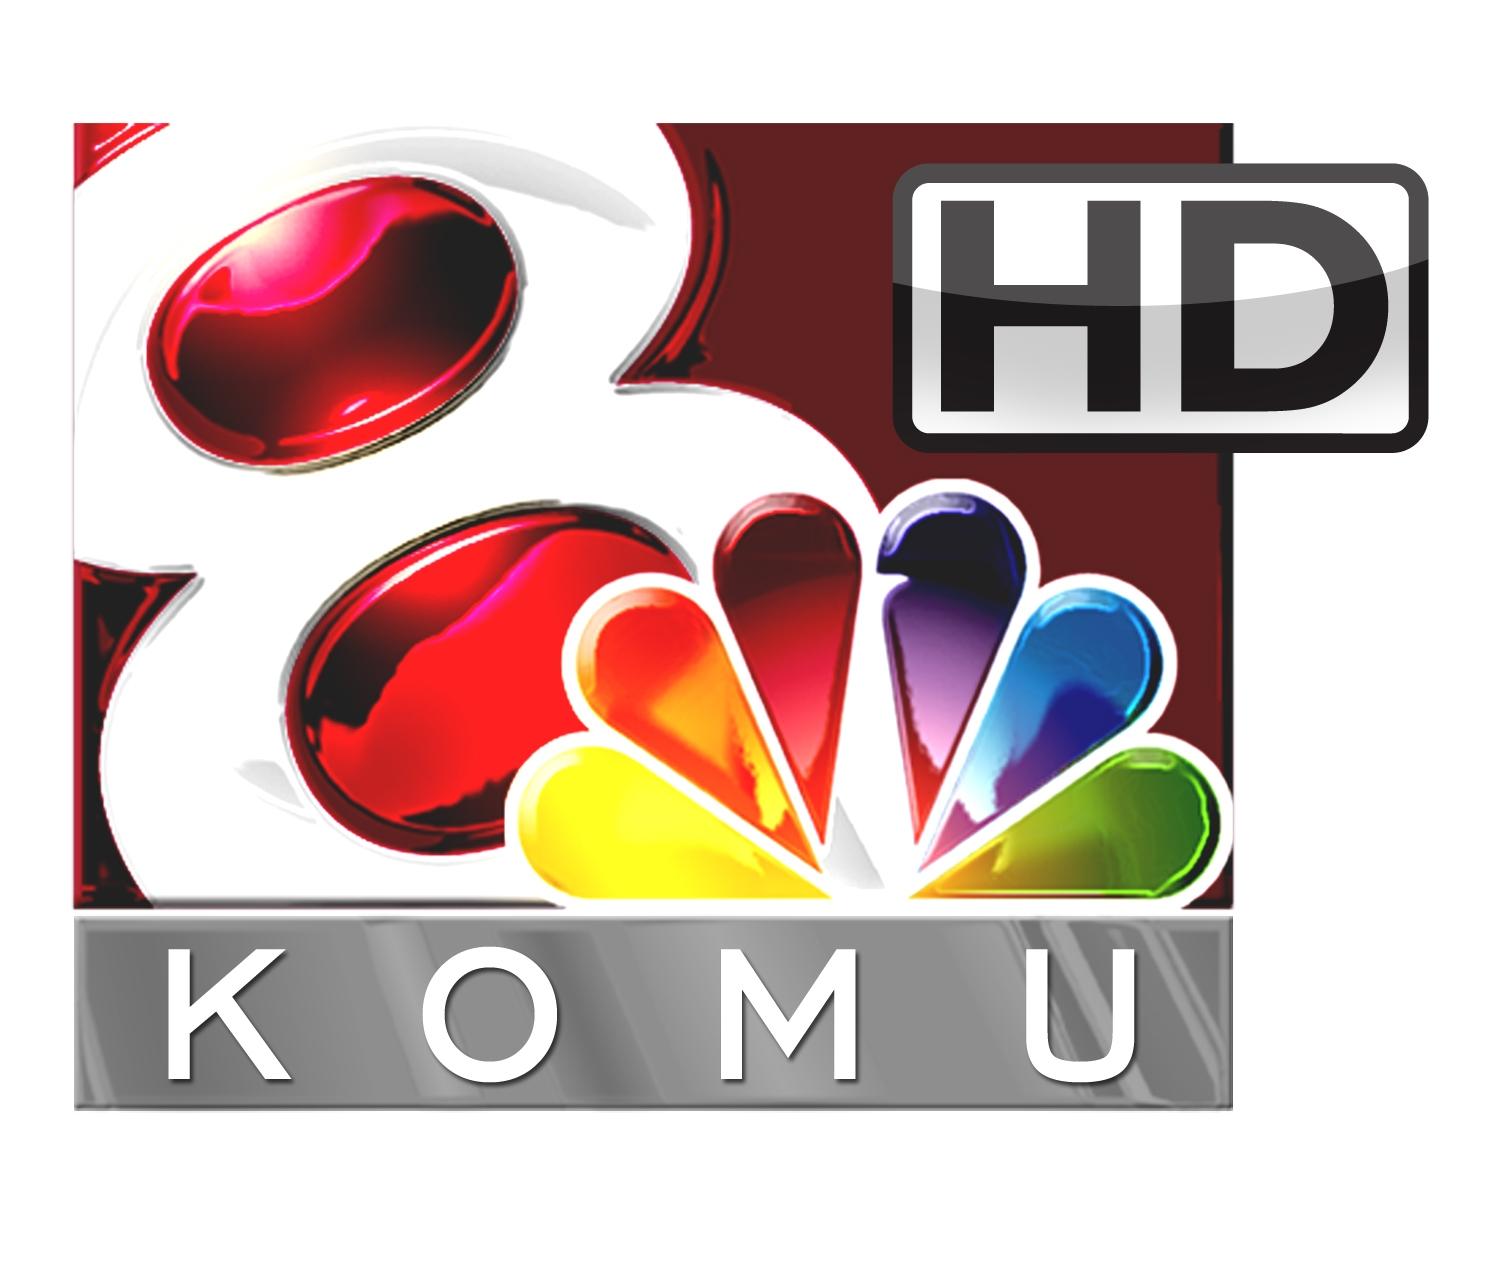 KOMU Channel 8